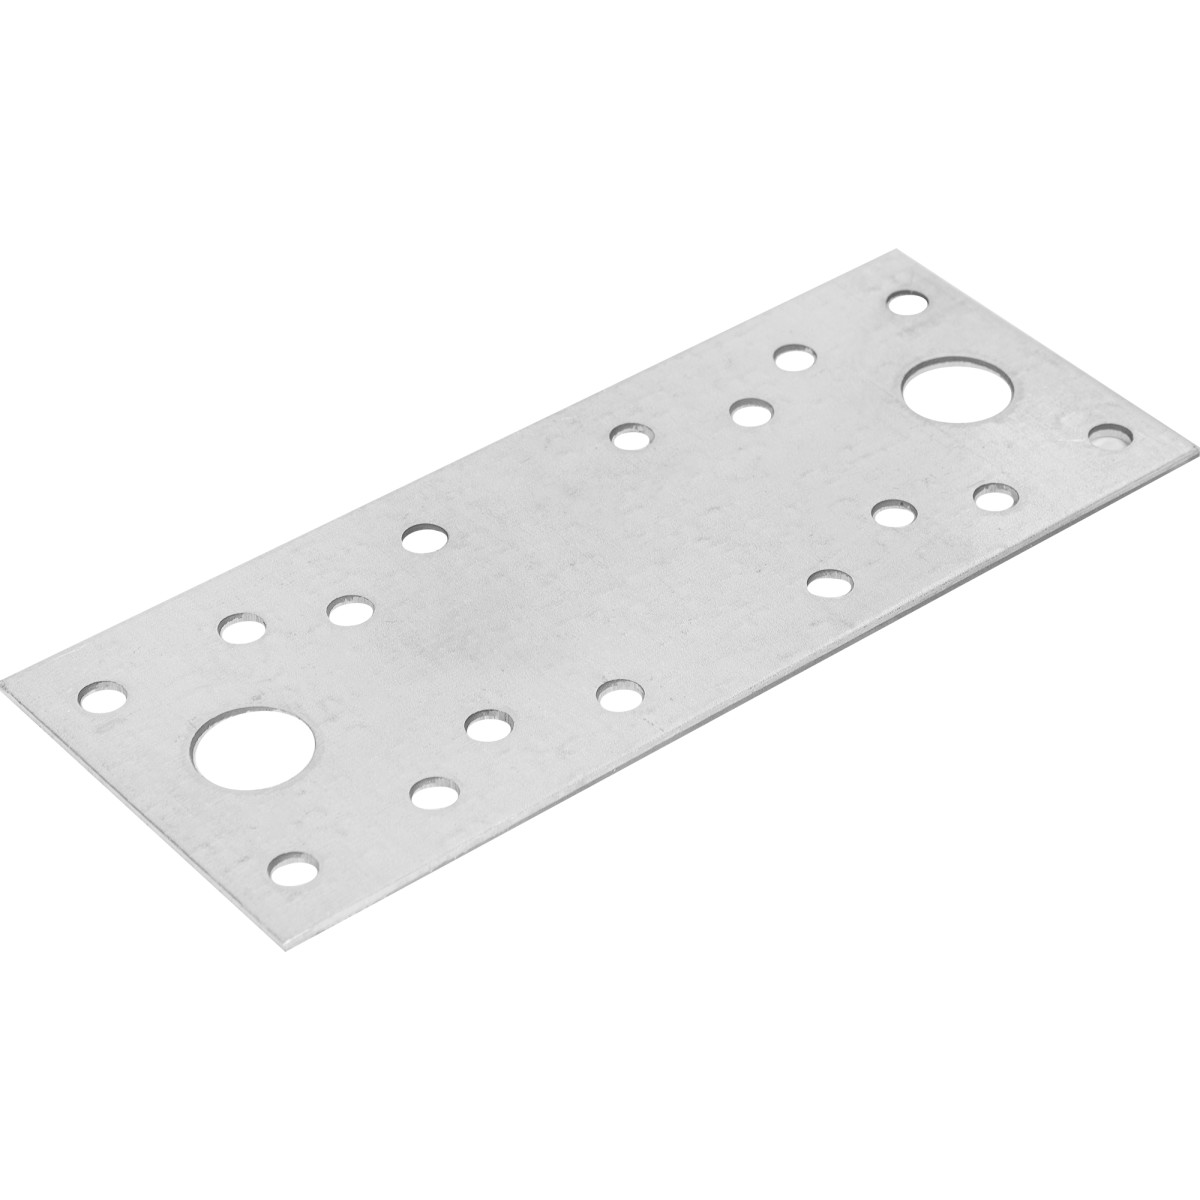 Пластина крепежная оцинкованная 130х2х53 15 шт.